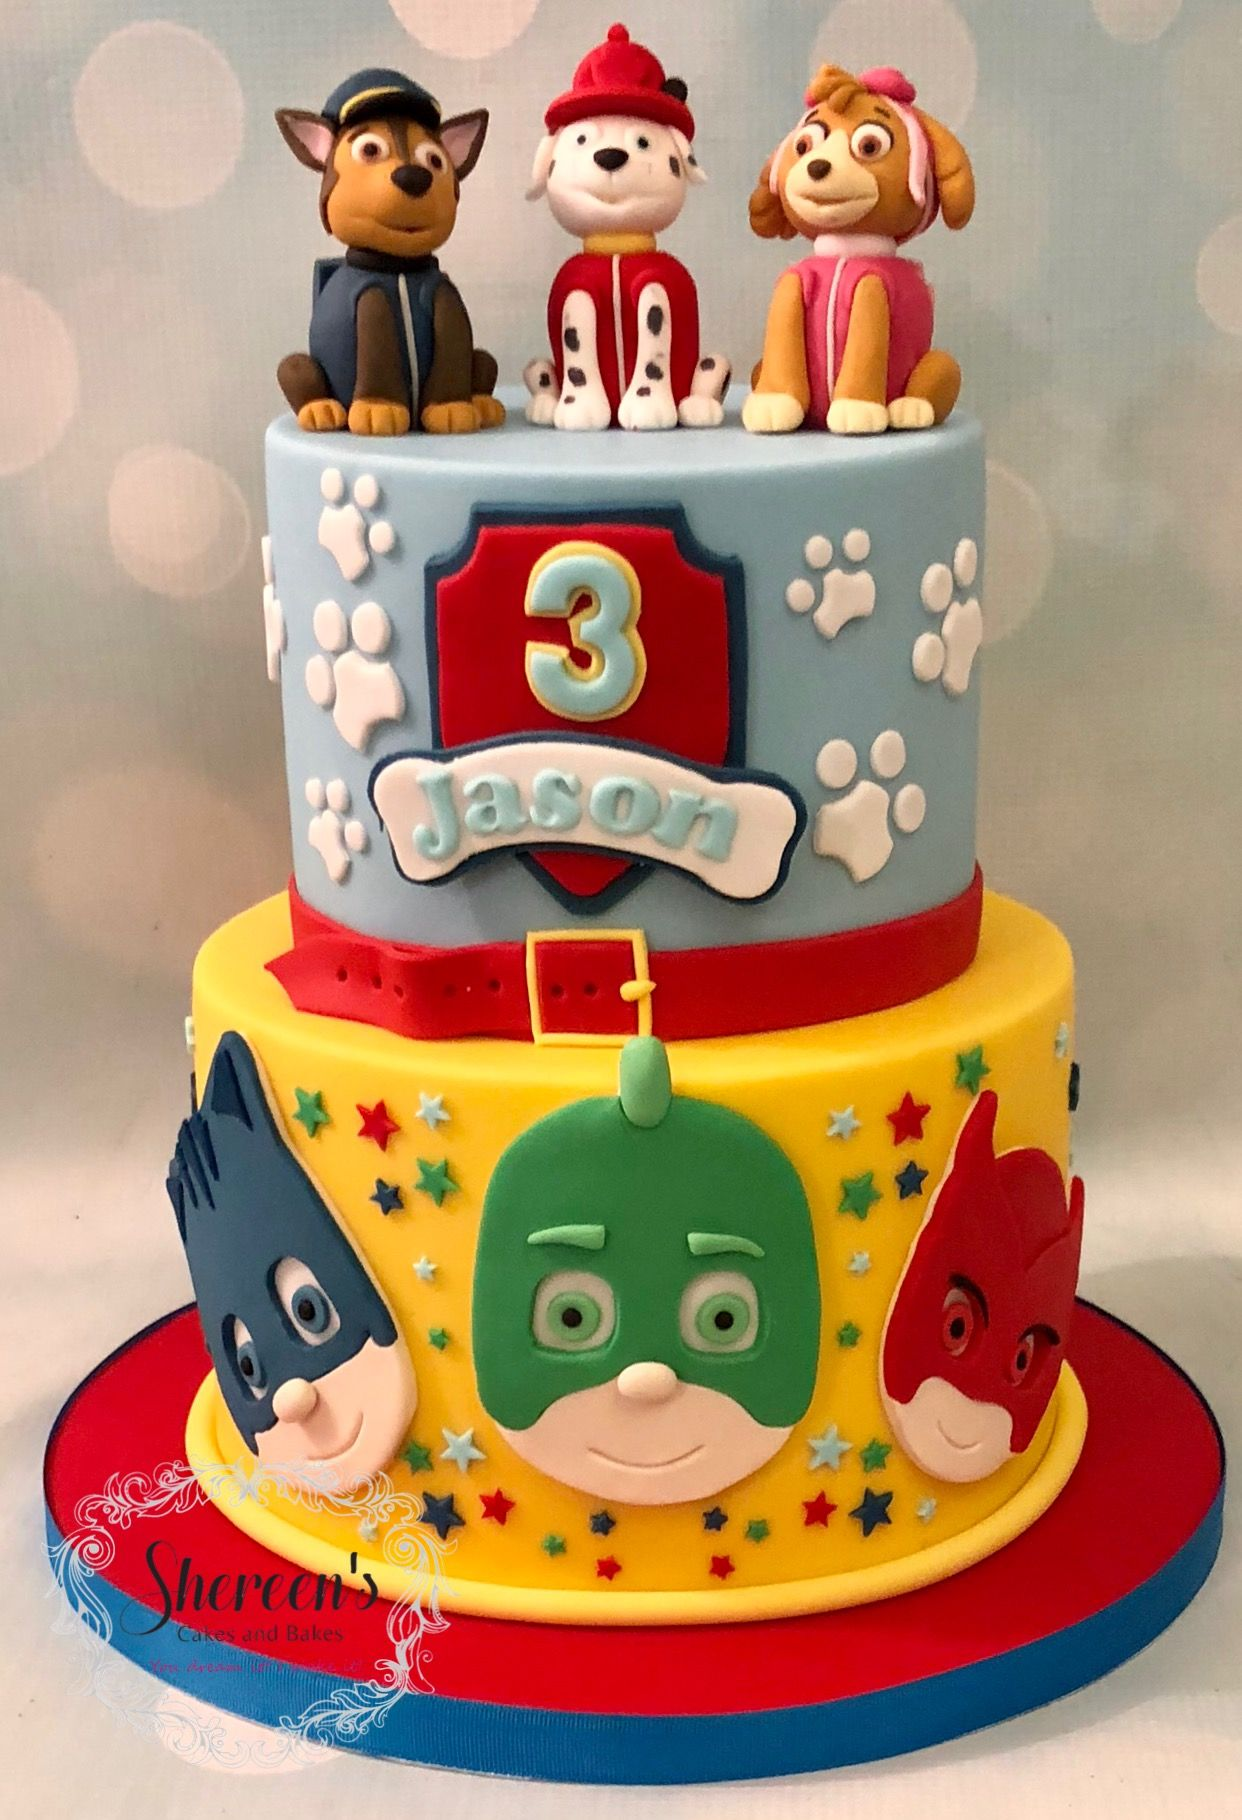 Paw Patrol And Pj Masks Themed Cake Paw Patrol Birthday Cake